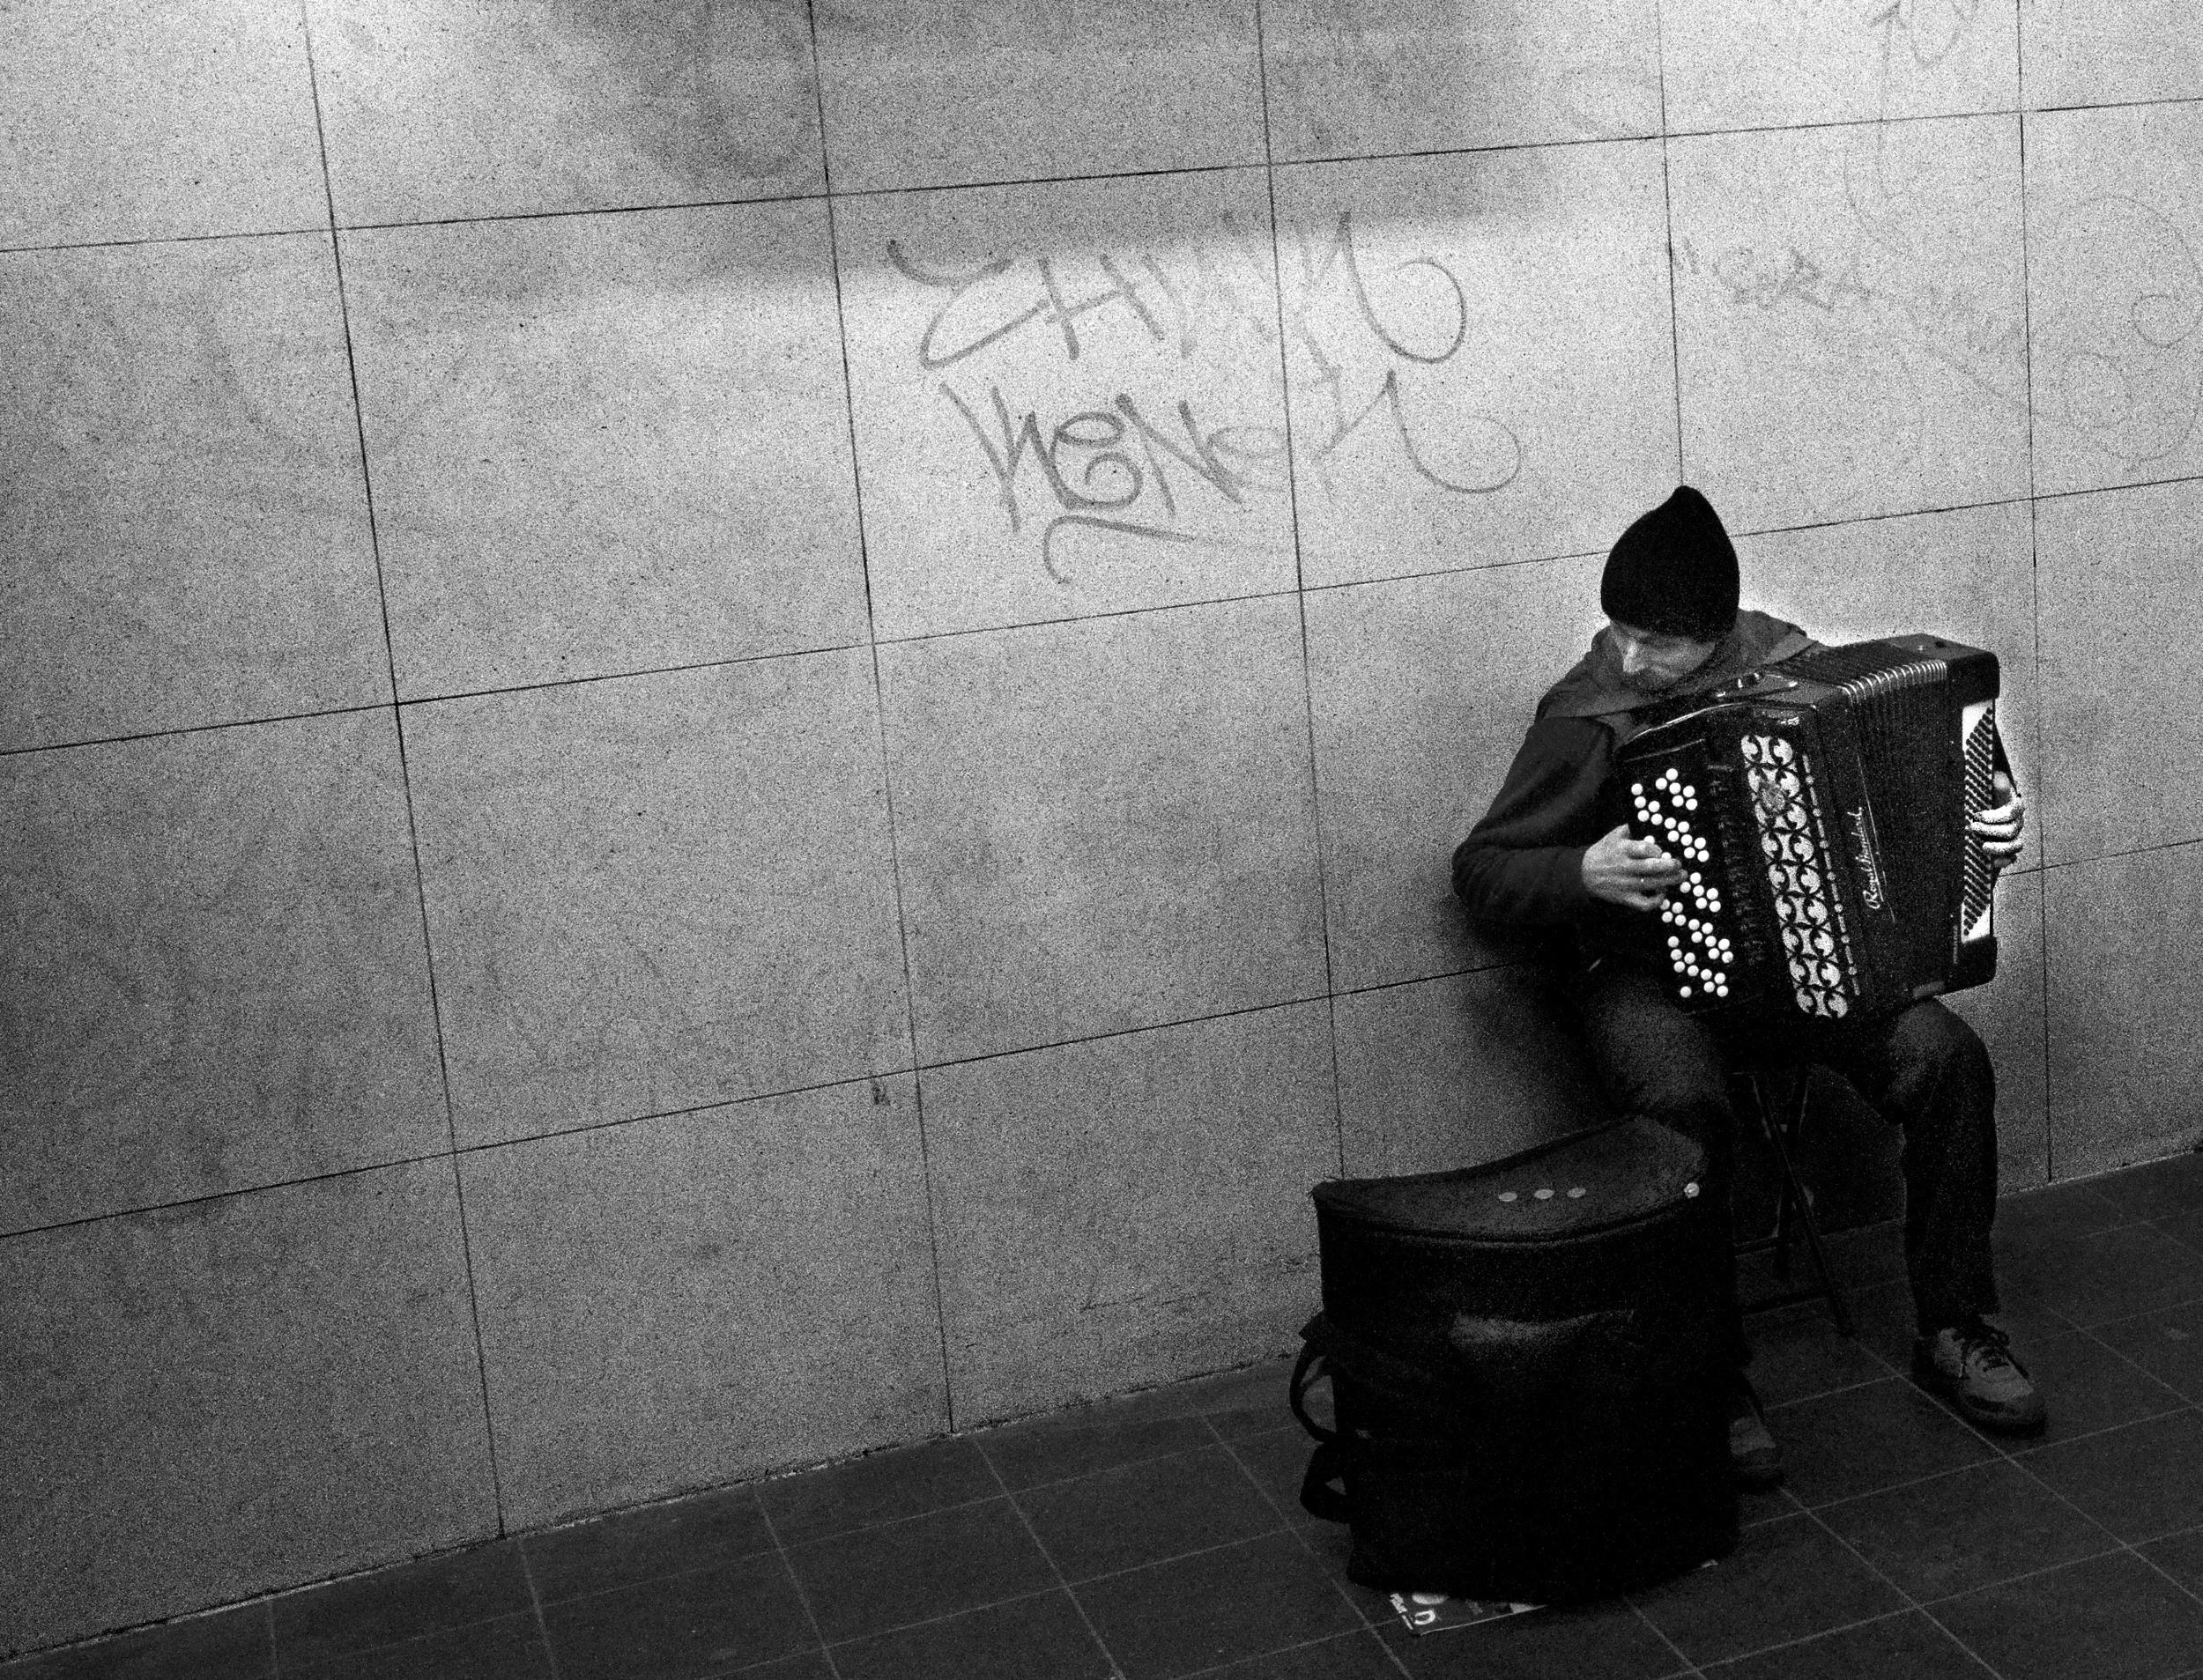 U-Bahn Musician / Berlin 2010